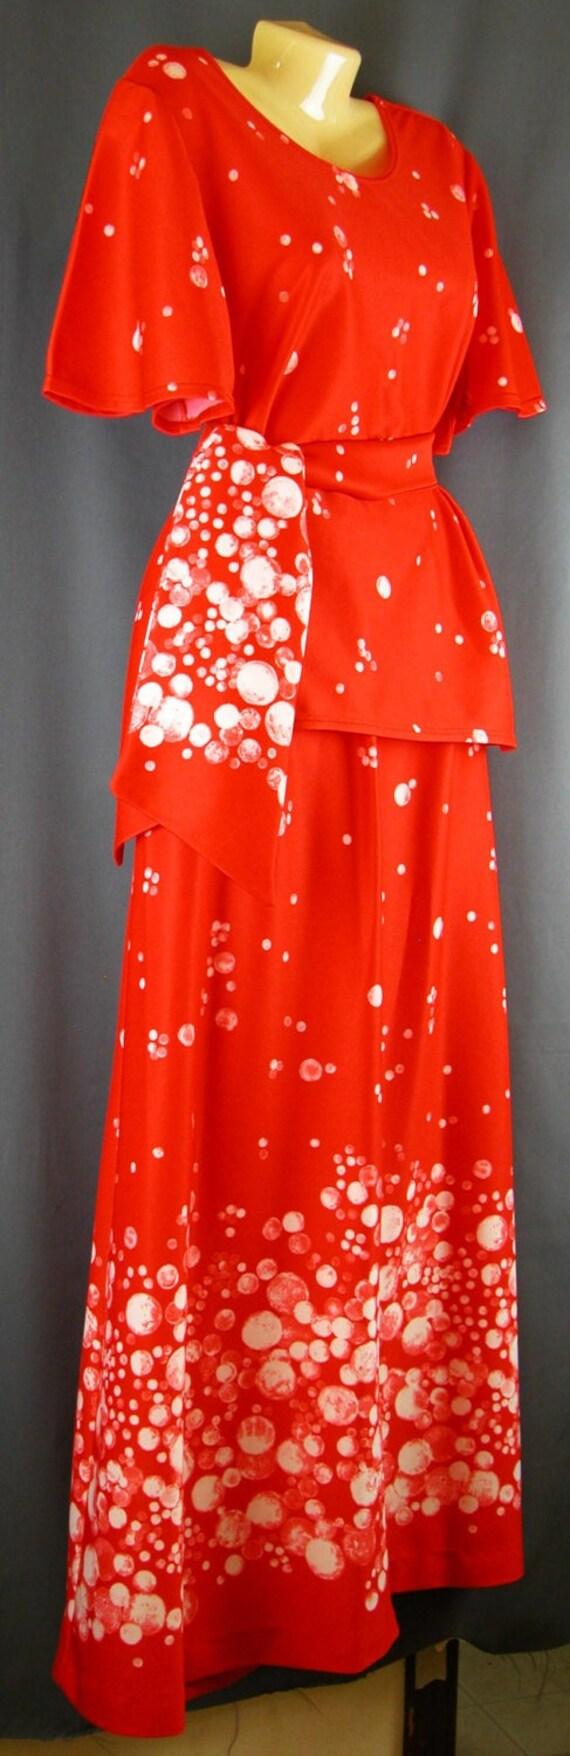 MOD 2 Piece maxi Dress Red op art large-extra larg